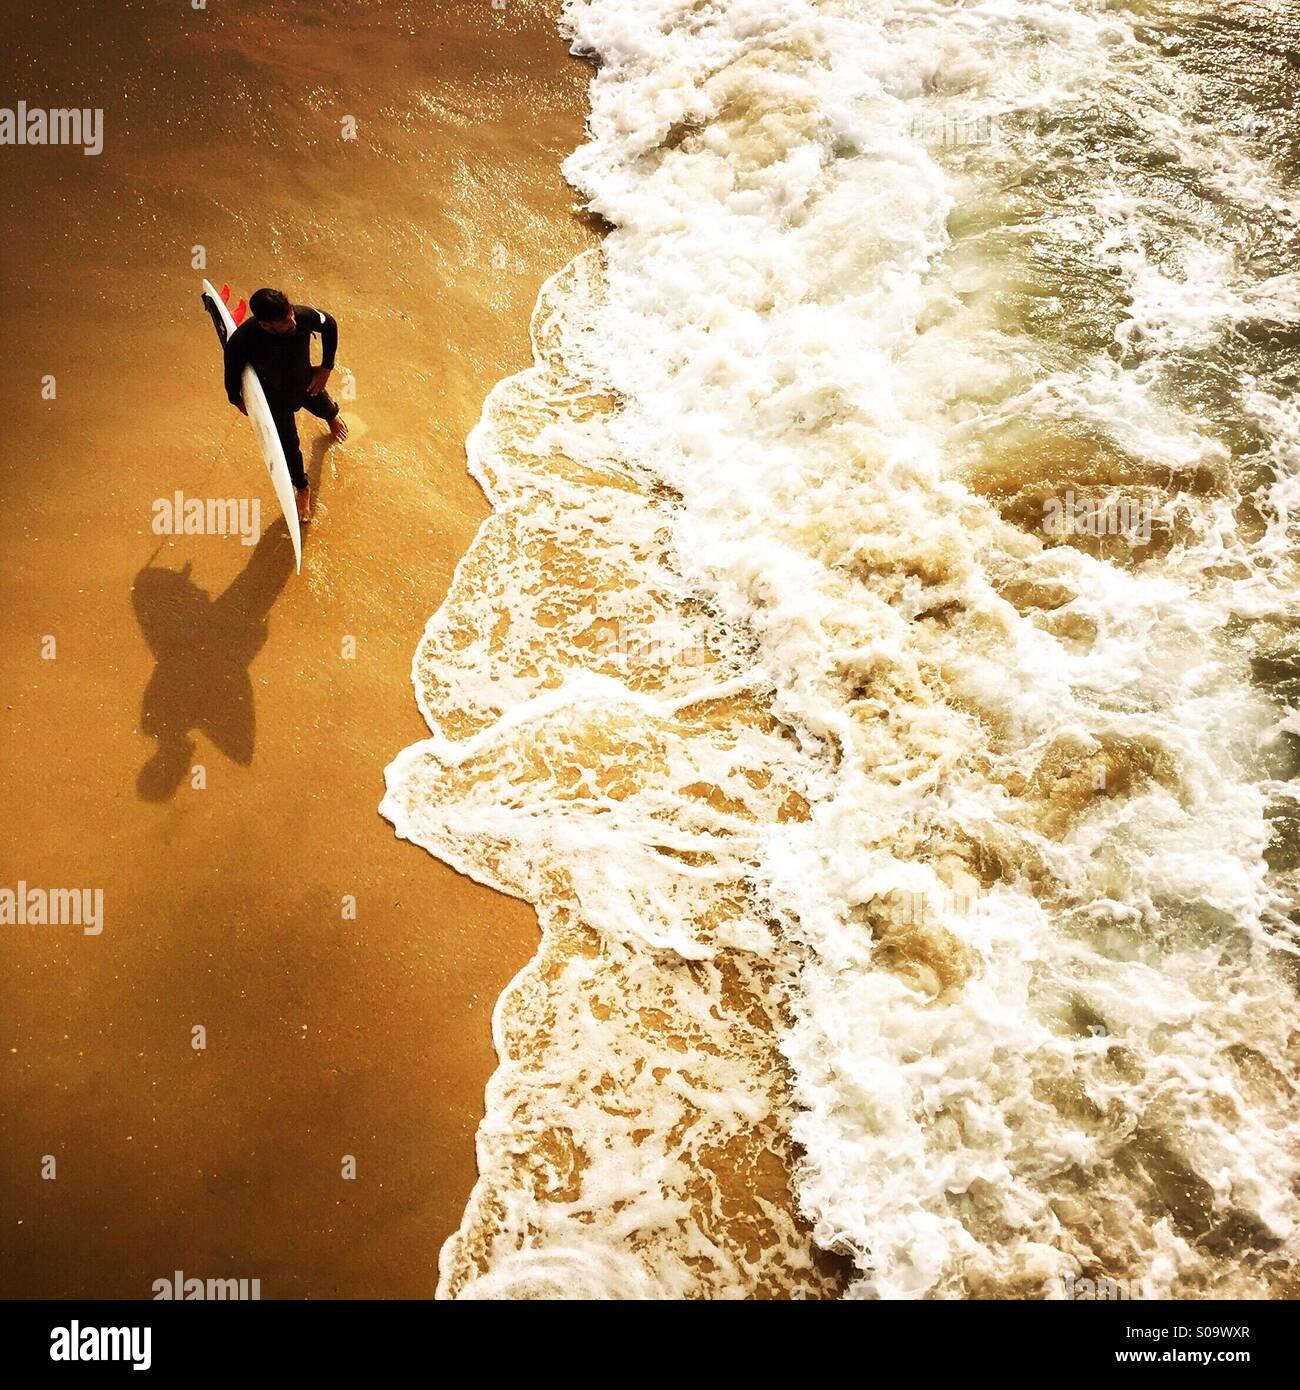 Eine Surfer wartet an der Küste zum Surfen. Manhattan Beach, Kalifornien USA. Stockfoto